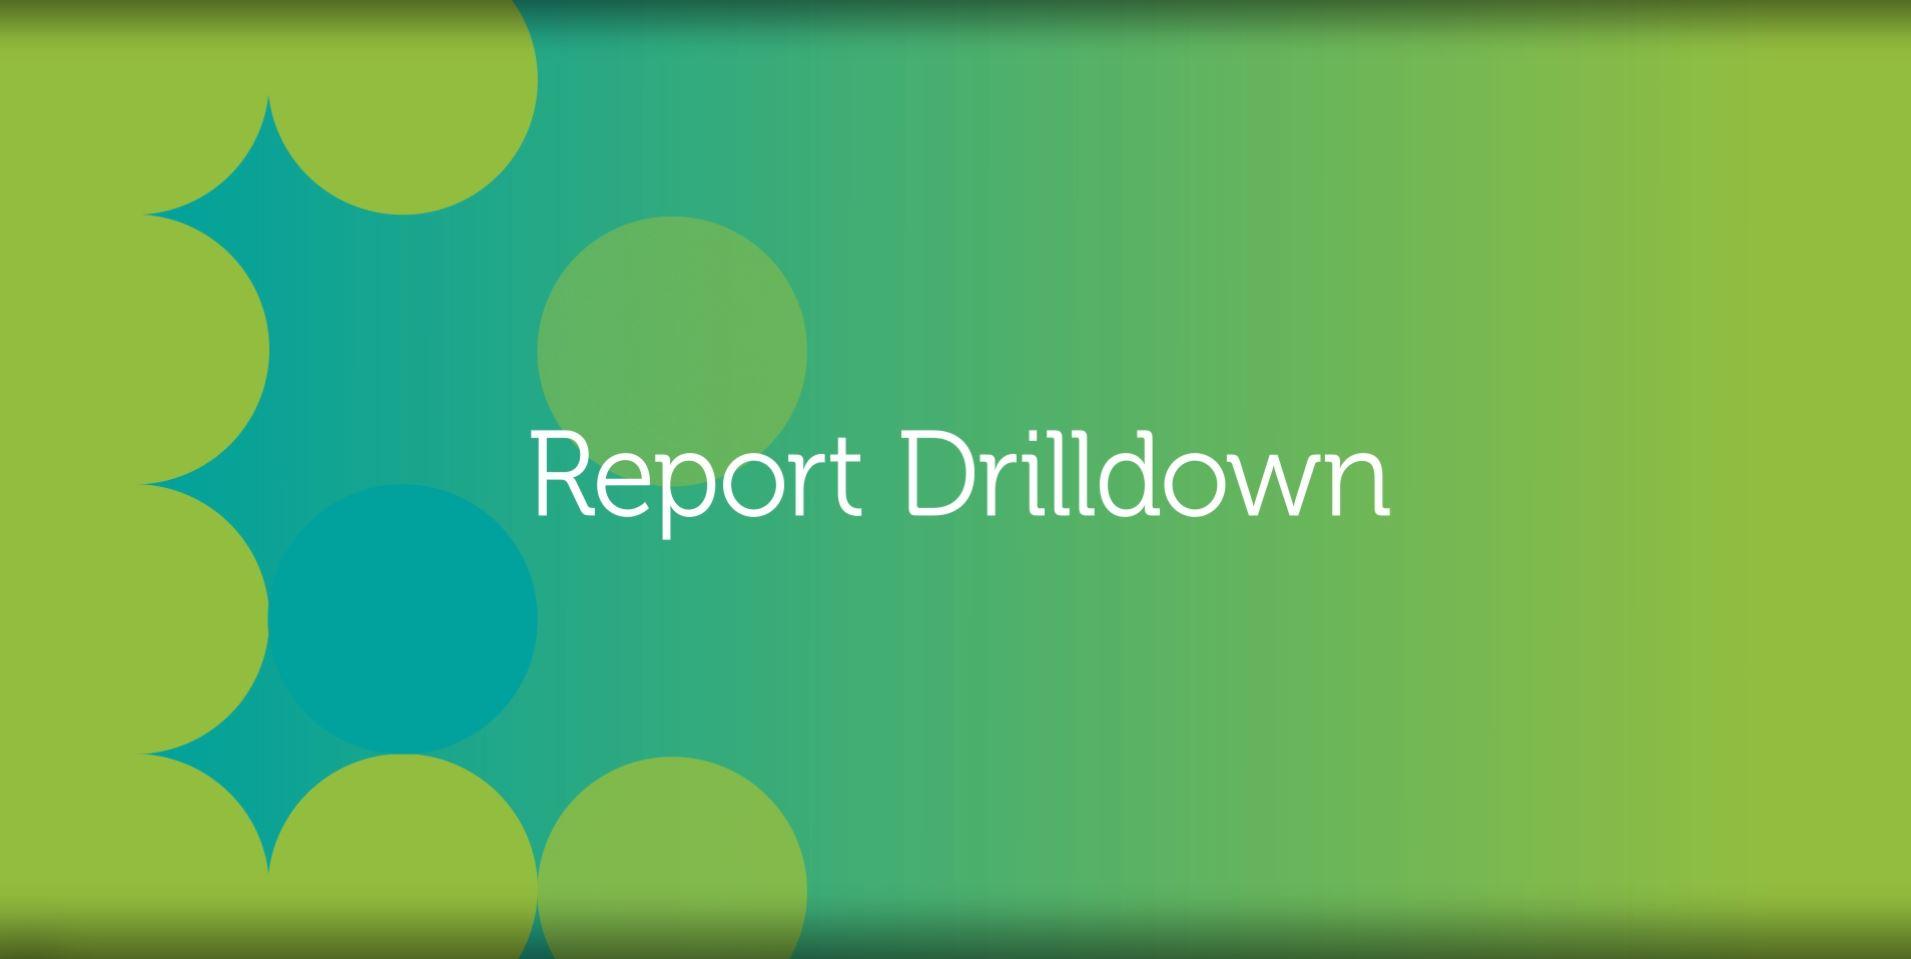 Report Drilldown